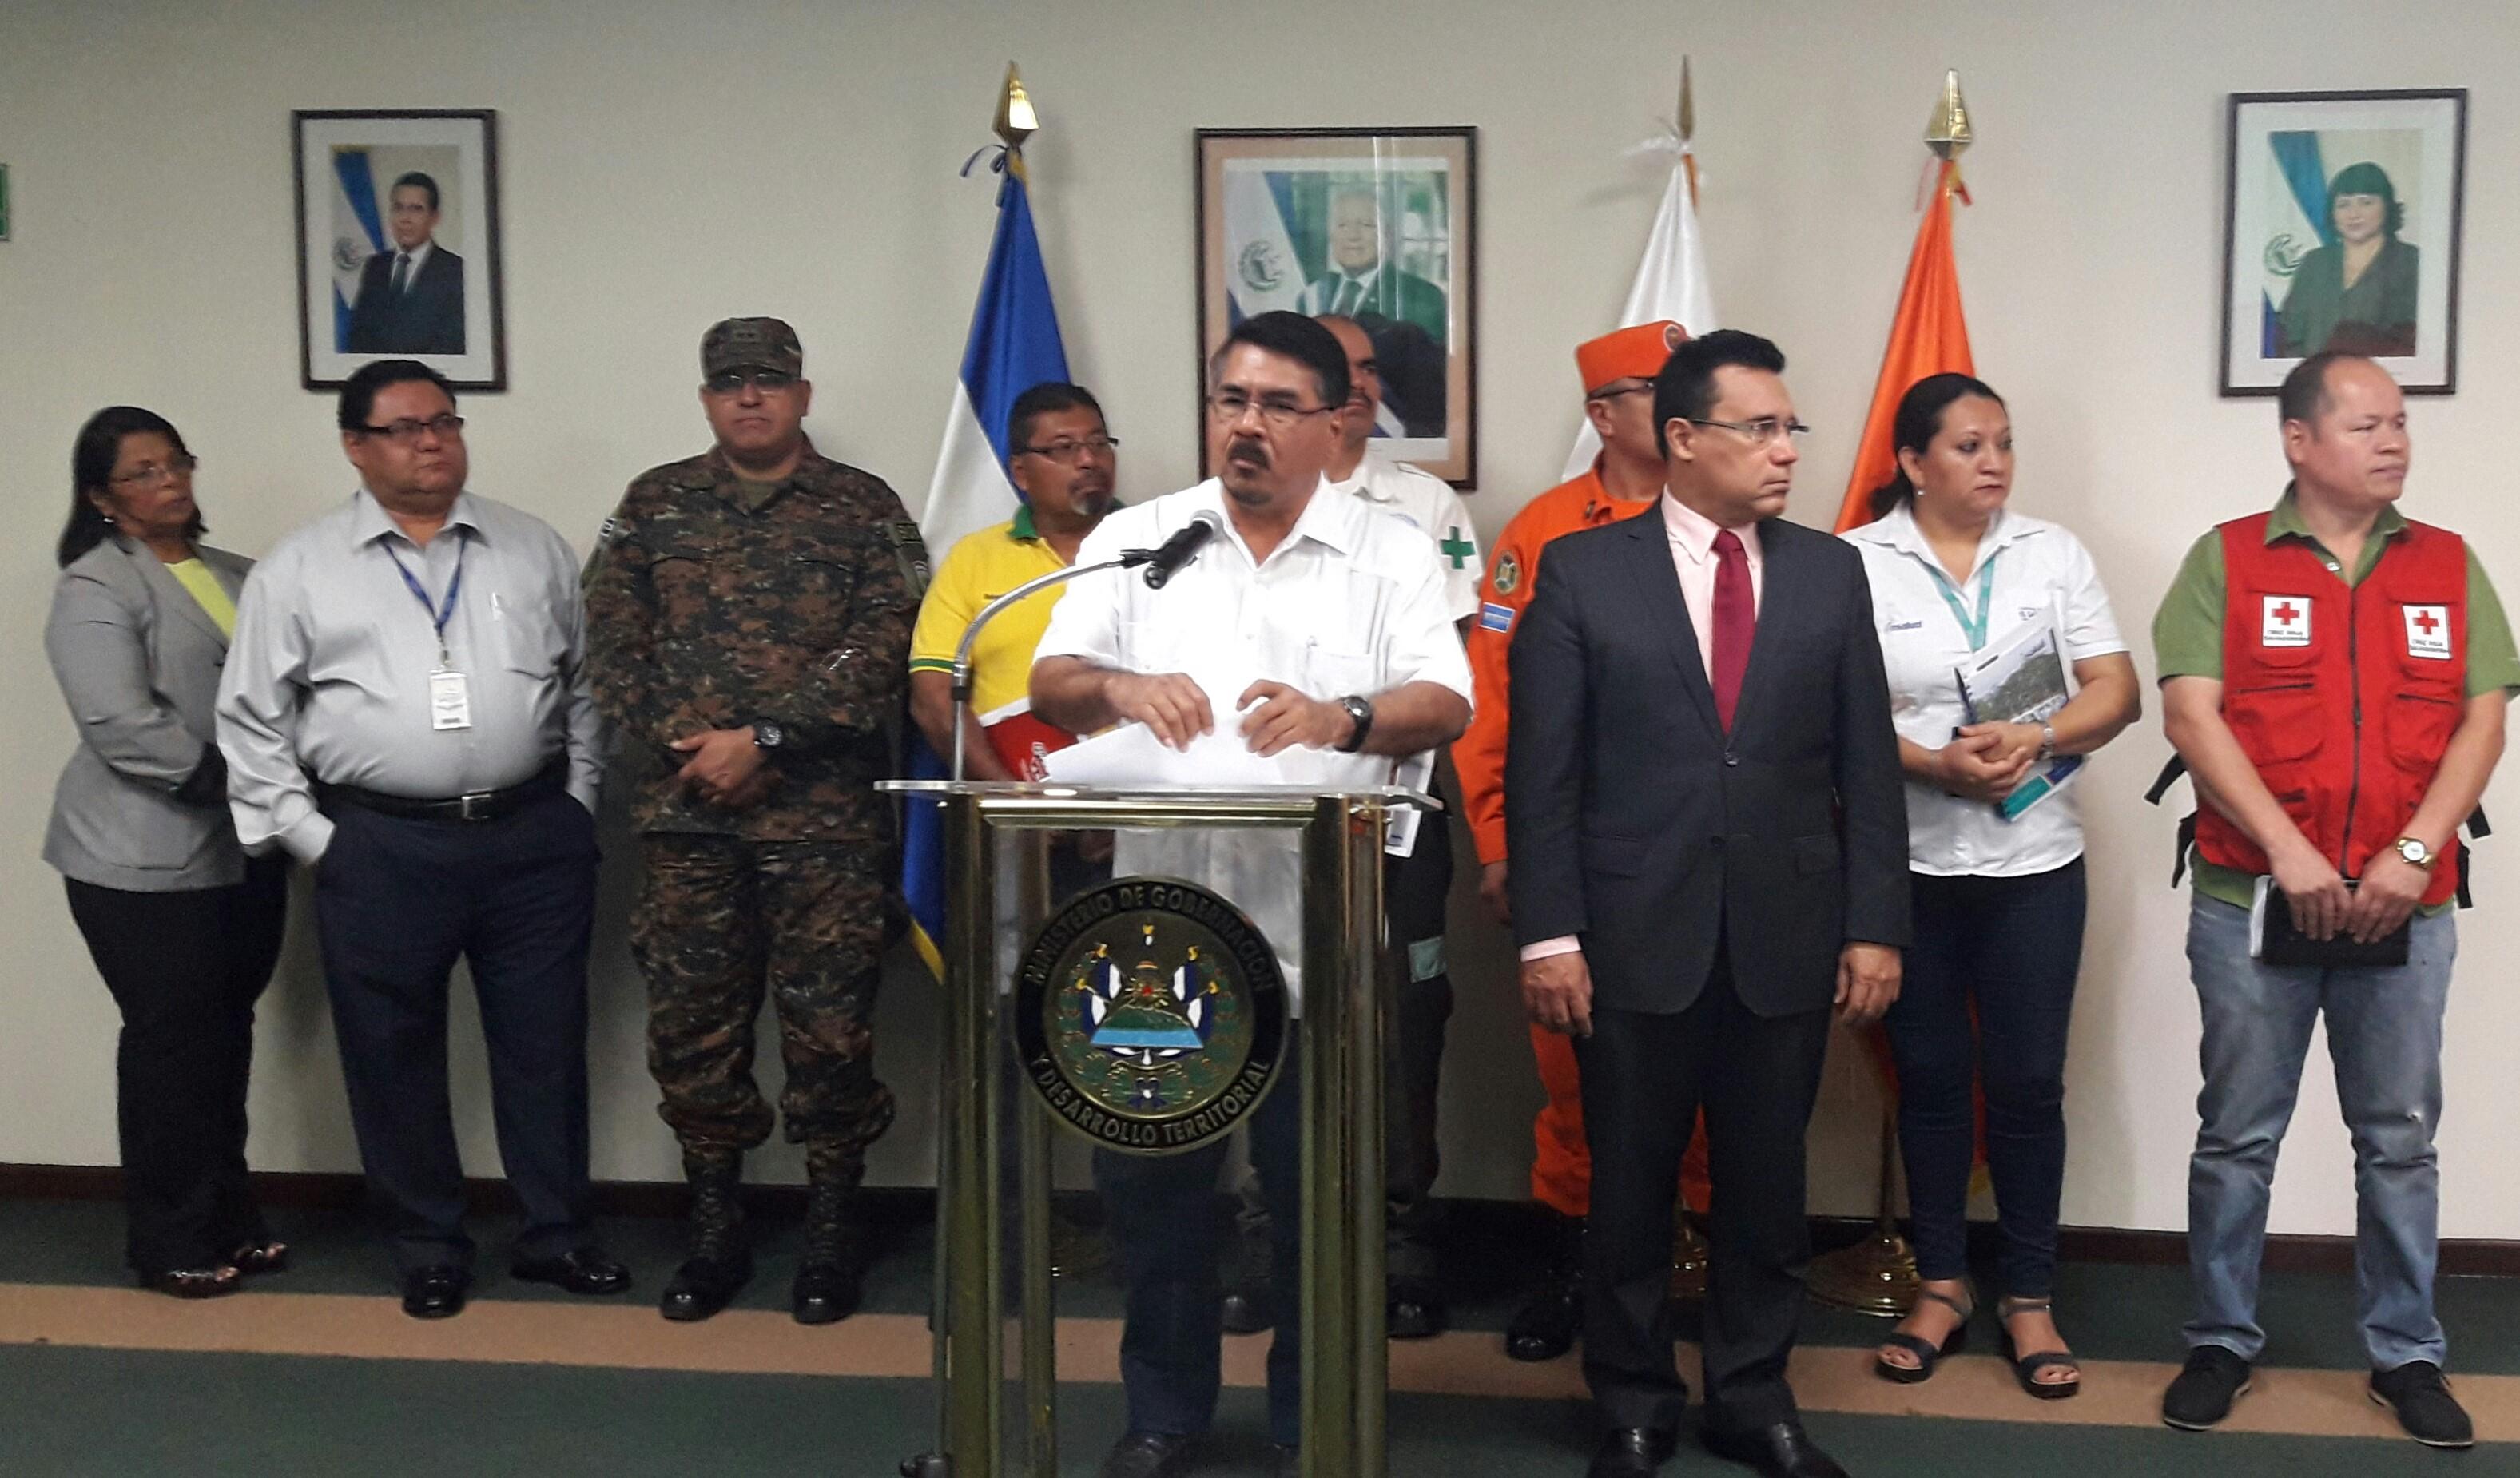 Dirección General de Protección Civil presenta Operación Elecciones Seguras 2018   01/MARZO/2018